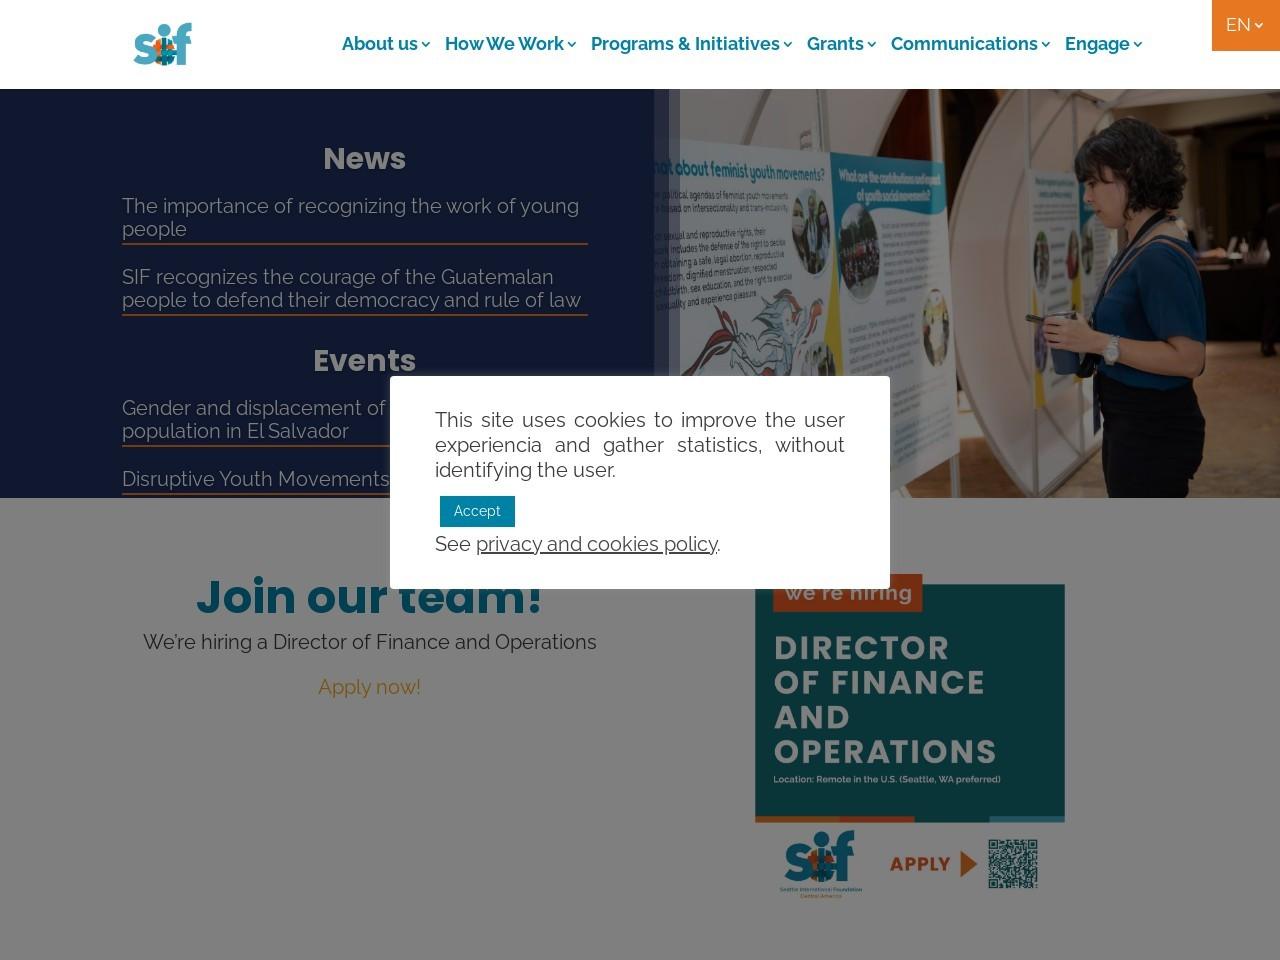 seaif.org